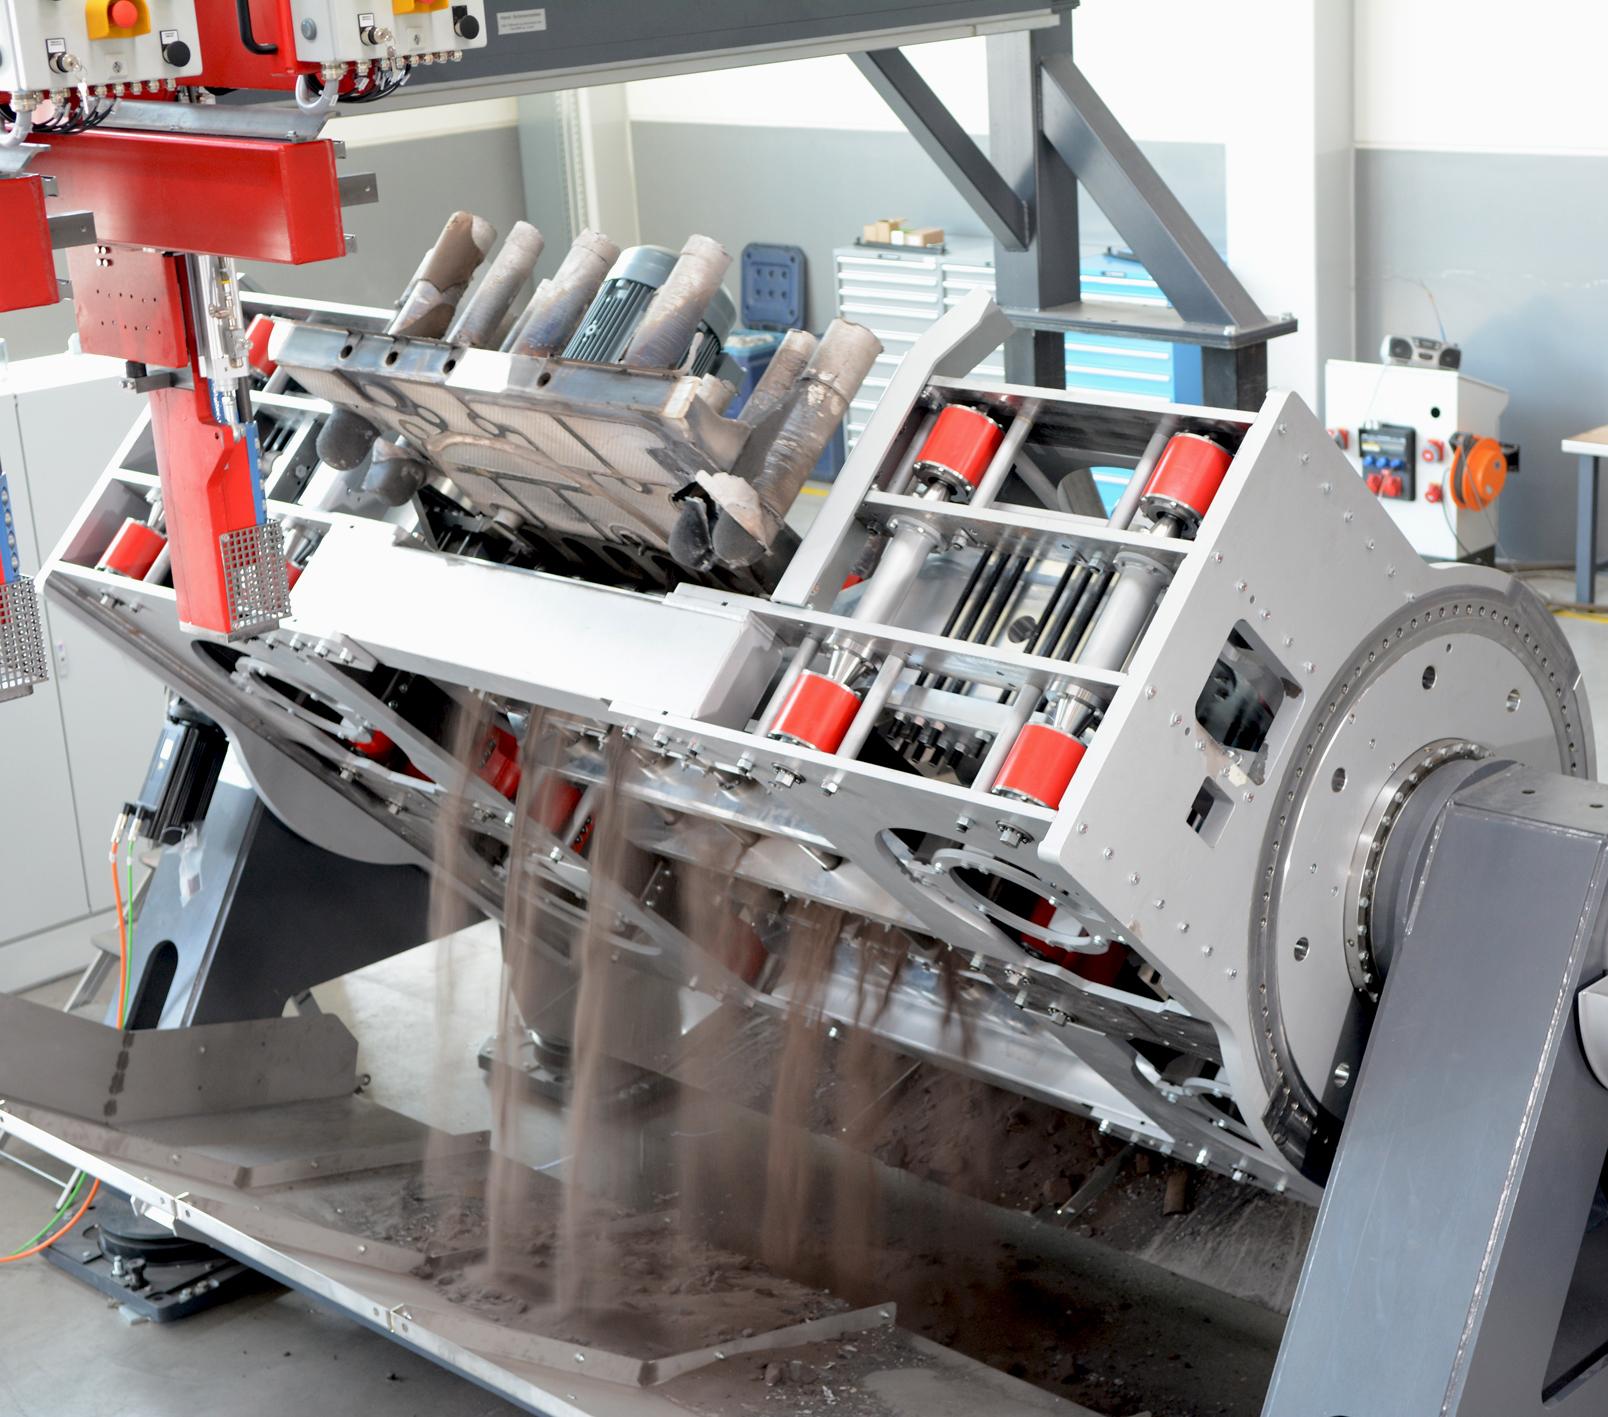 Bild 4: Schwingentkernanlage mit Servo-Dreheinrichtung, Type SWINGMASTER 1500 in Aktion der Fa. Fill GmbH